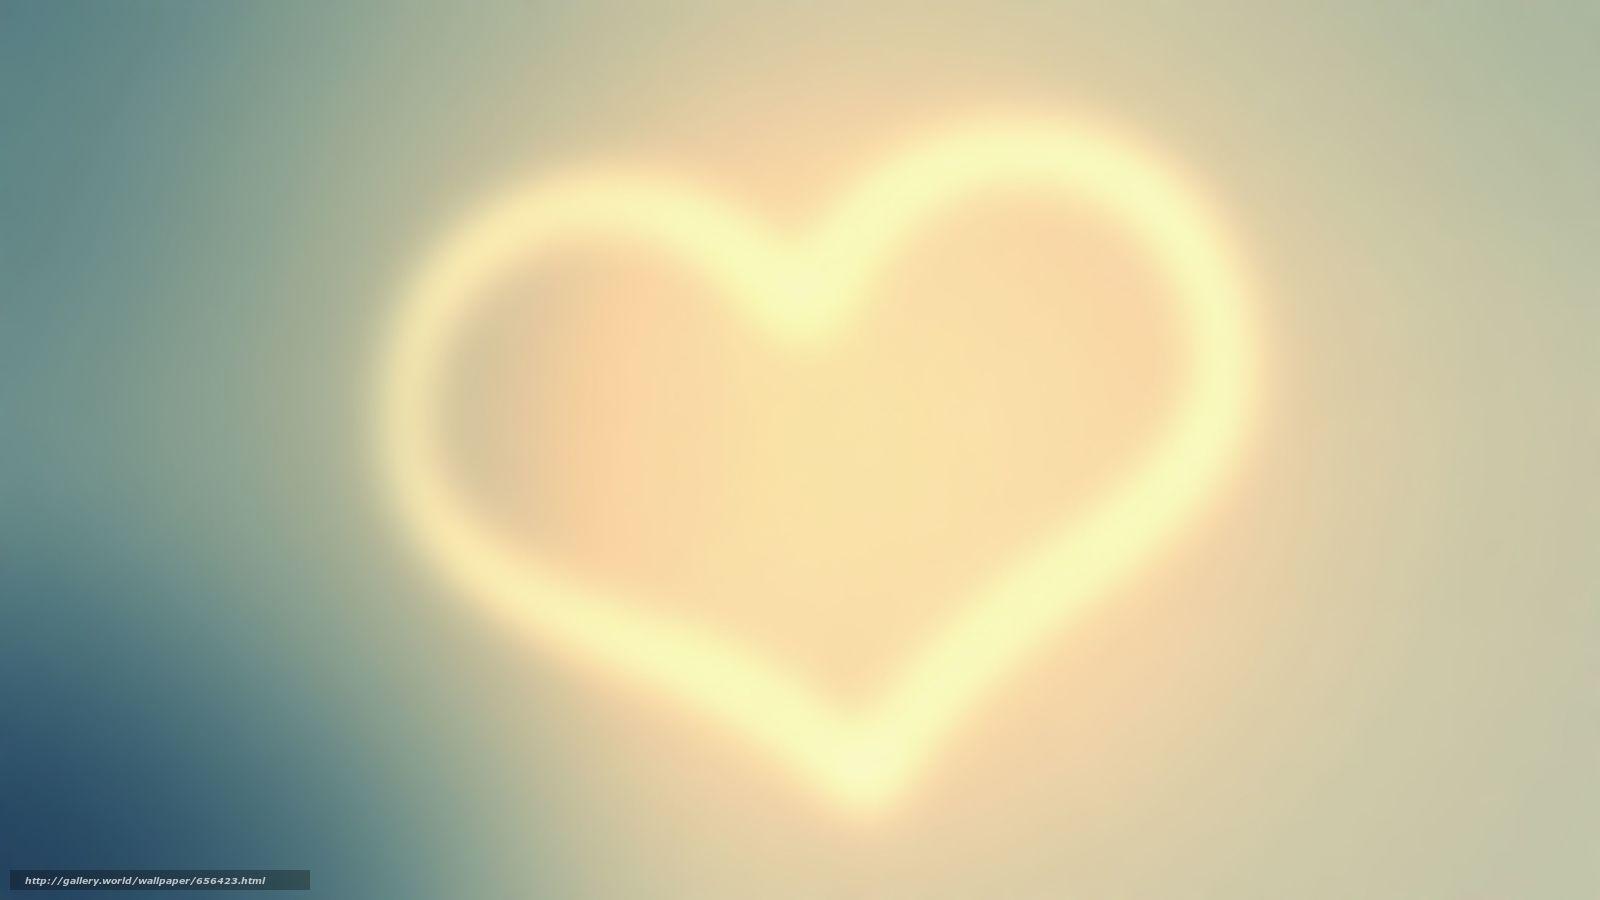 pobra tapety Motyw stworzony przez Kisenok,  Valentine,  Walentynki,  święto Darmowe tapety na pulpit rozdzielczoci 3520x1980 — zdjcie №656423